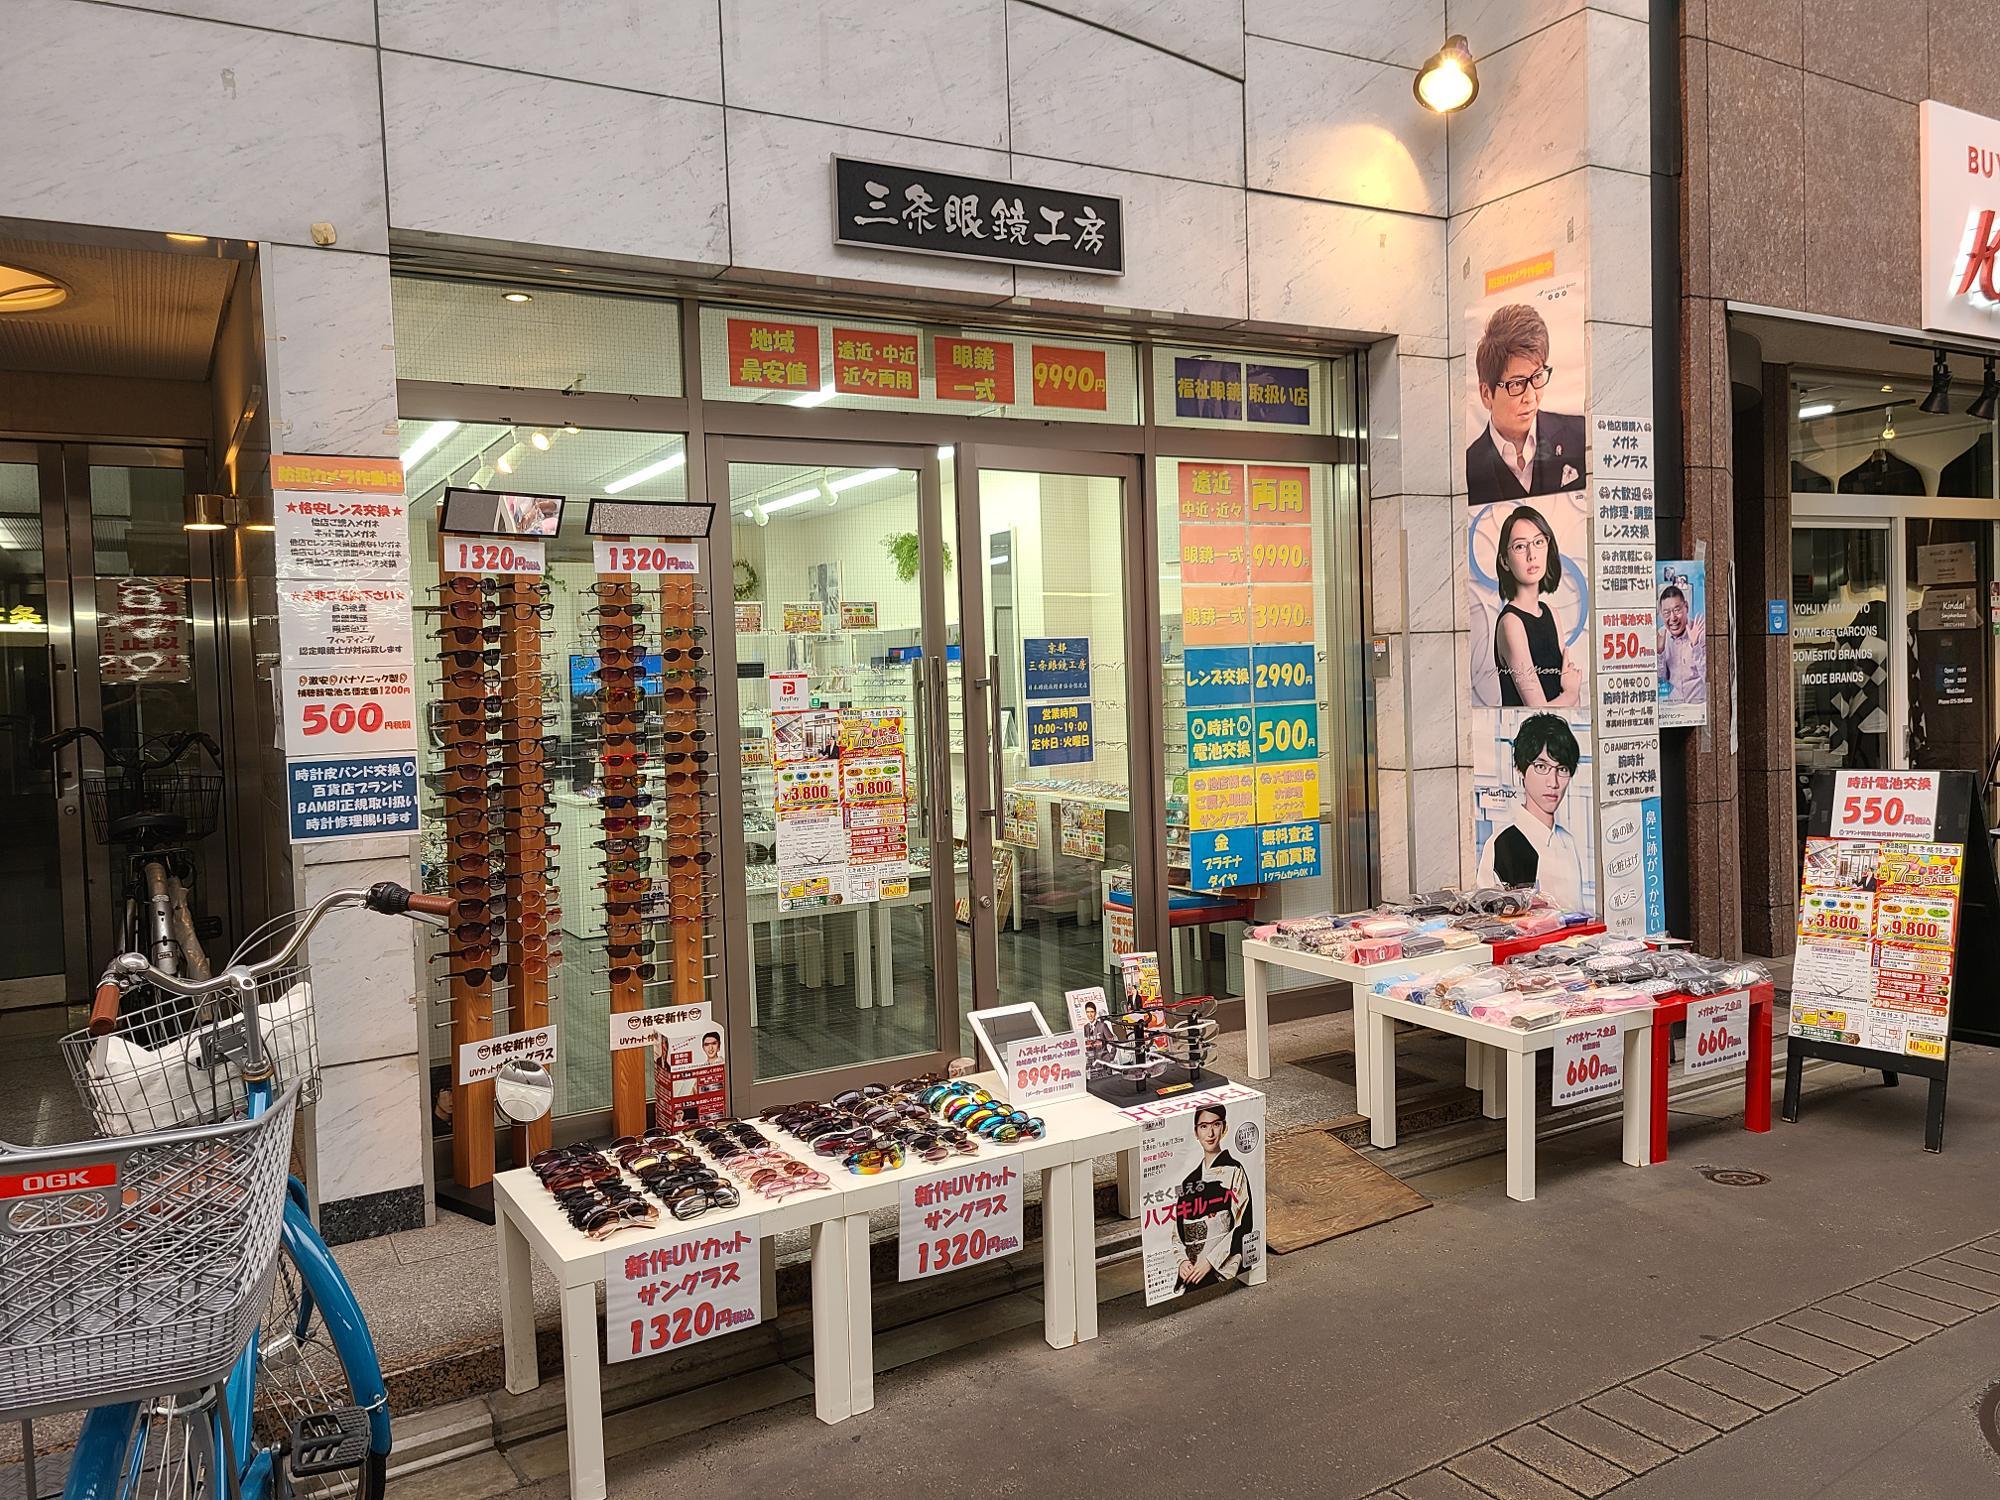 京都三条会商店街で営業を続けてきた、京都三条眼鏡工房